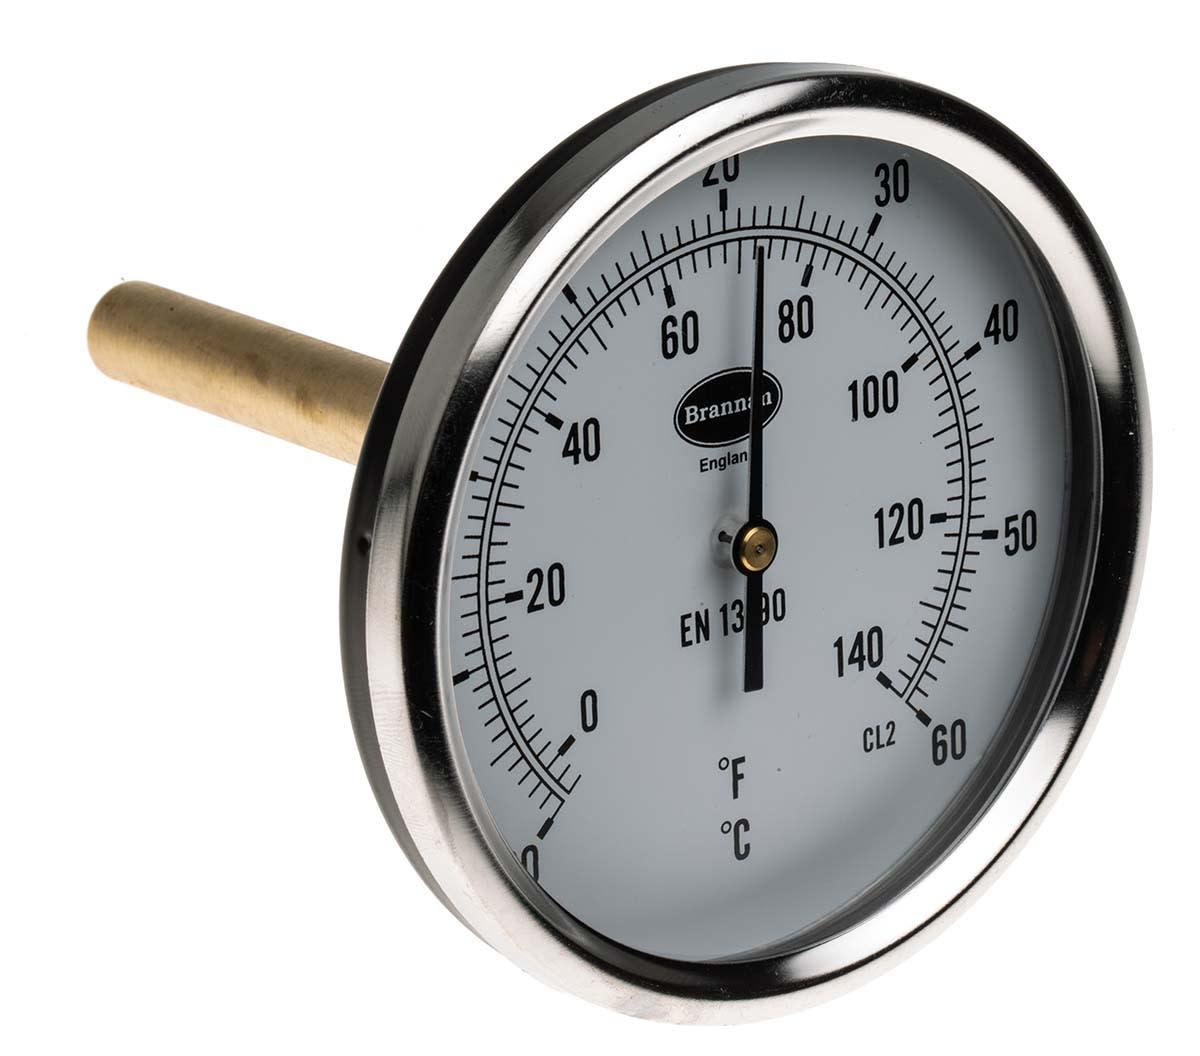 RS Pro Temperature Gauge